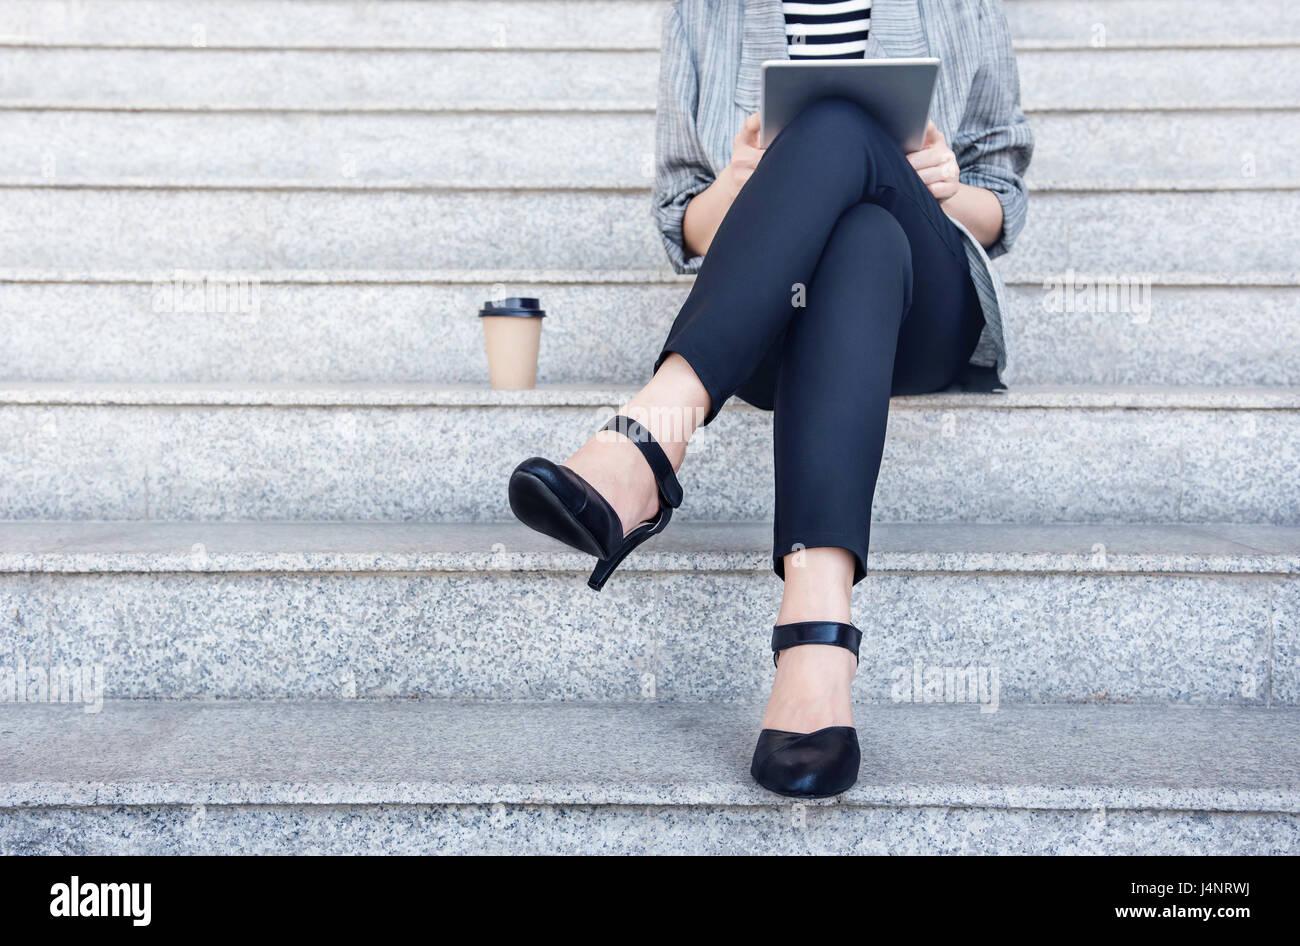 Arbeitenden Frau sitzen und mit digital-Tablette bei Outdoor-Treppe, Vorderansicht, kommunizieren soziale Technologie Stockbild